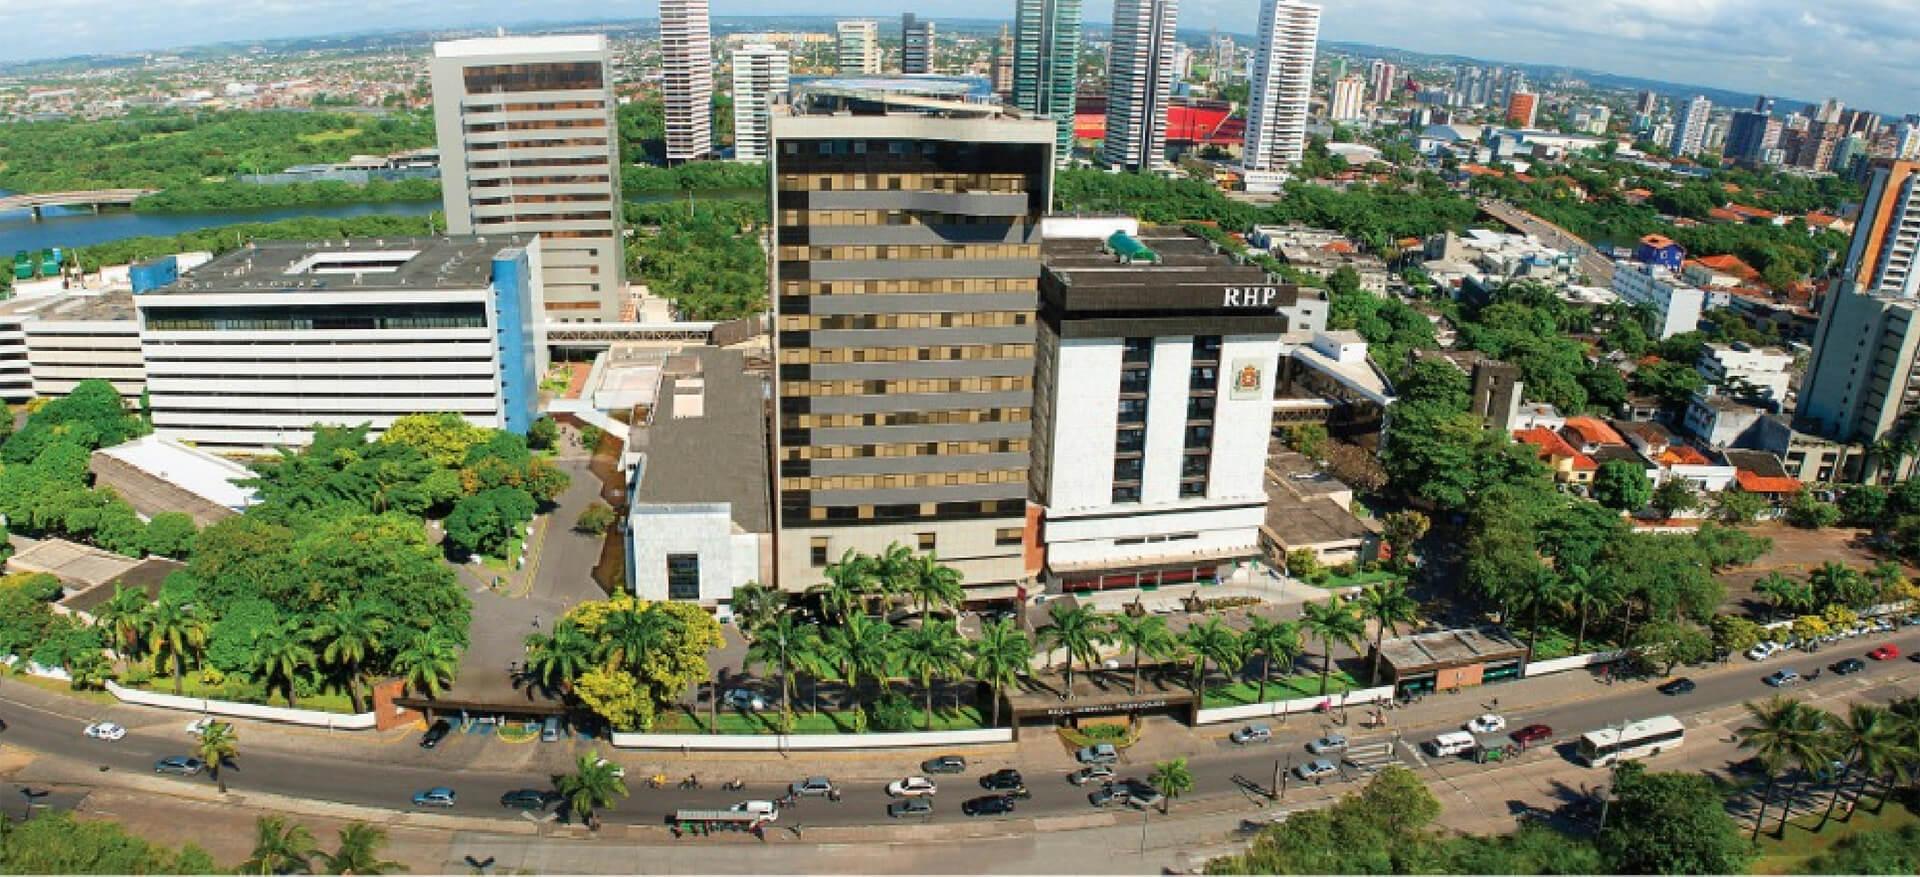 Estudo de caso: Câmeras de última geração da Dahua Technology são instaladas em Hospital referência no Brasil.